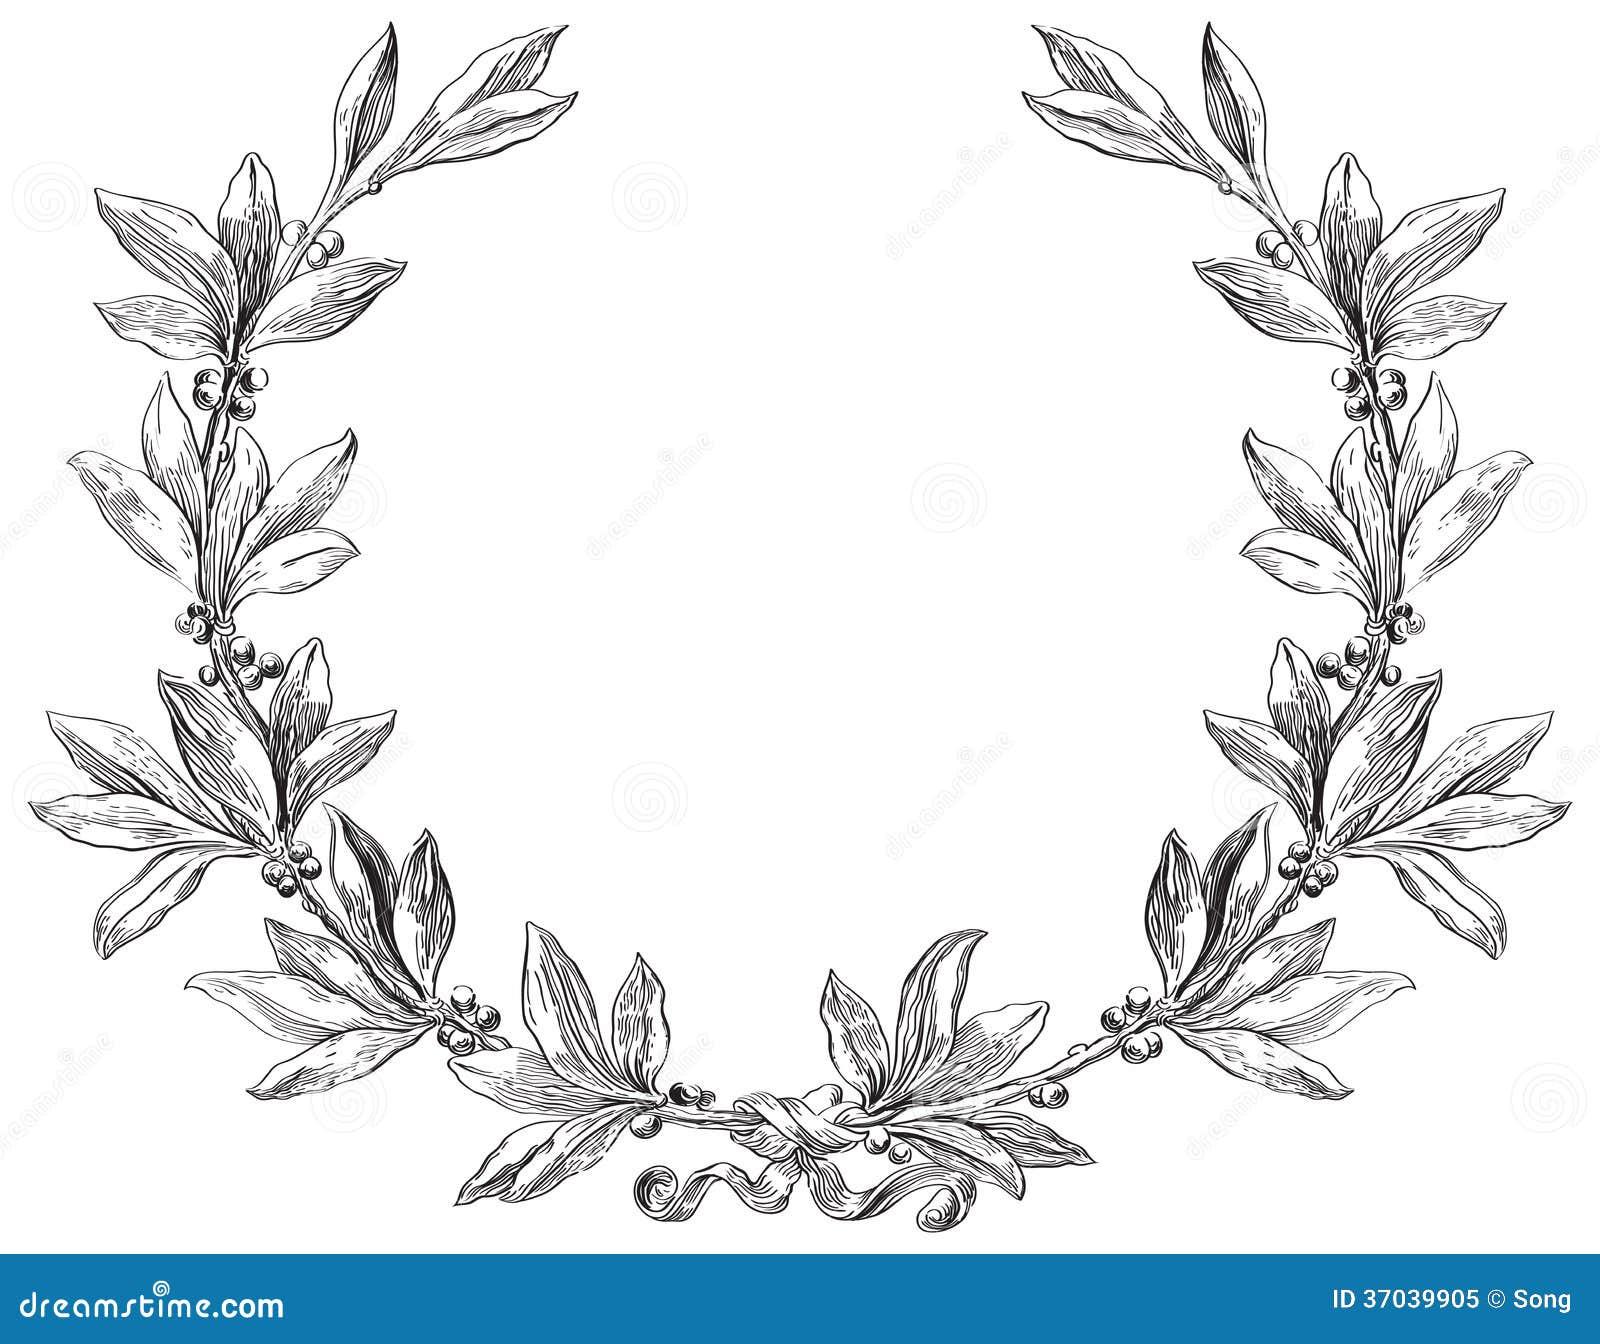 лавровые венки из ветки